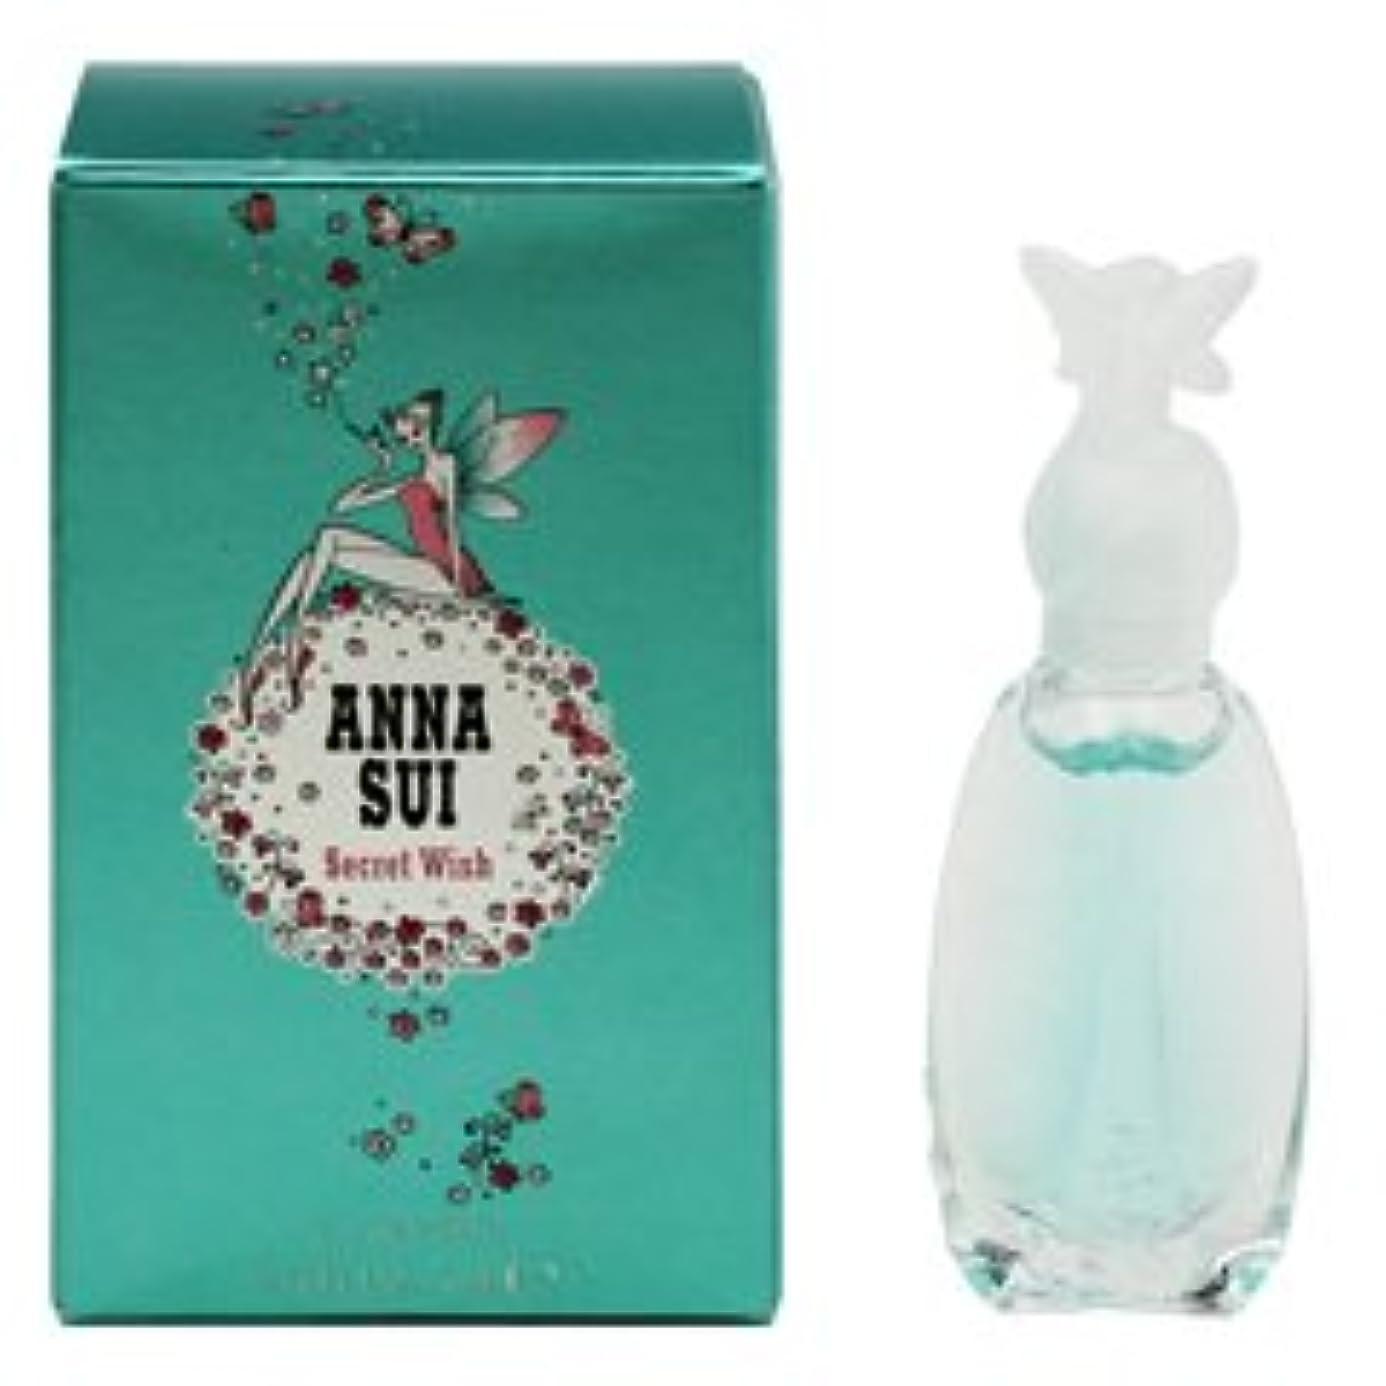 酒良性潤滑するアナスイ ANNA SUI シークレットウィッシュ EDT 4ml ミニチュア